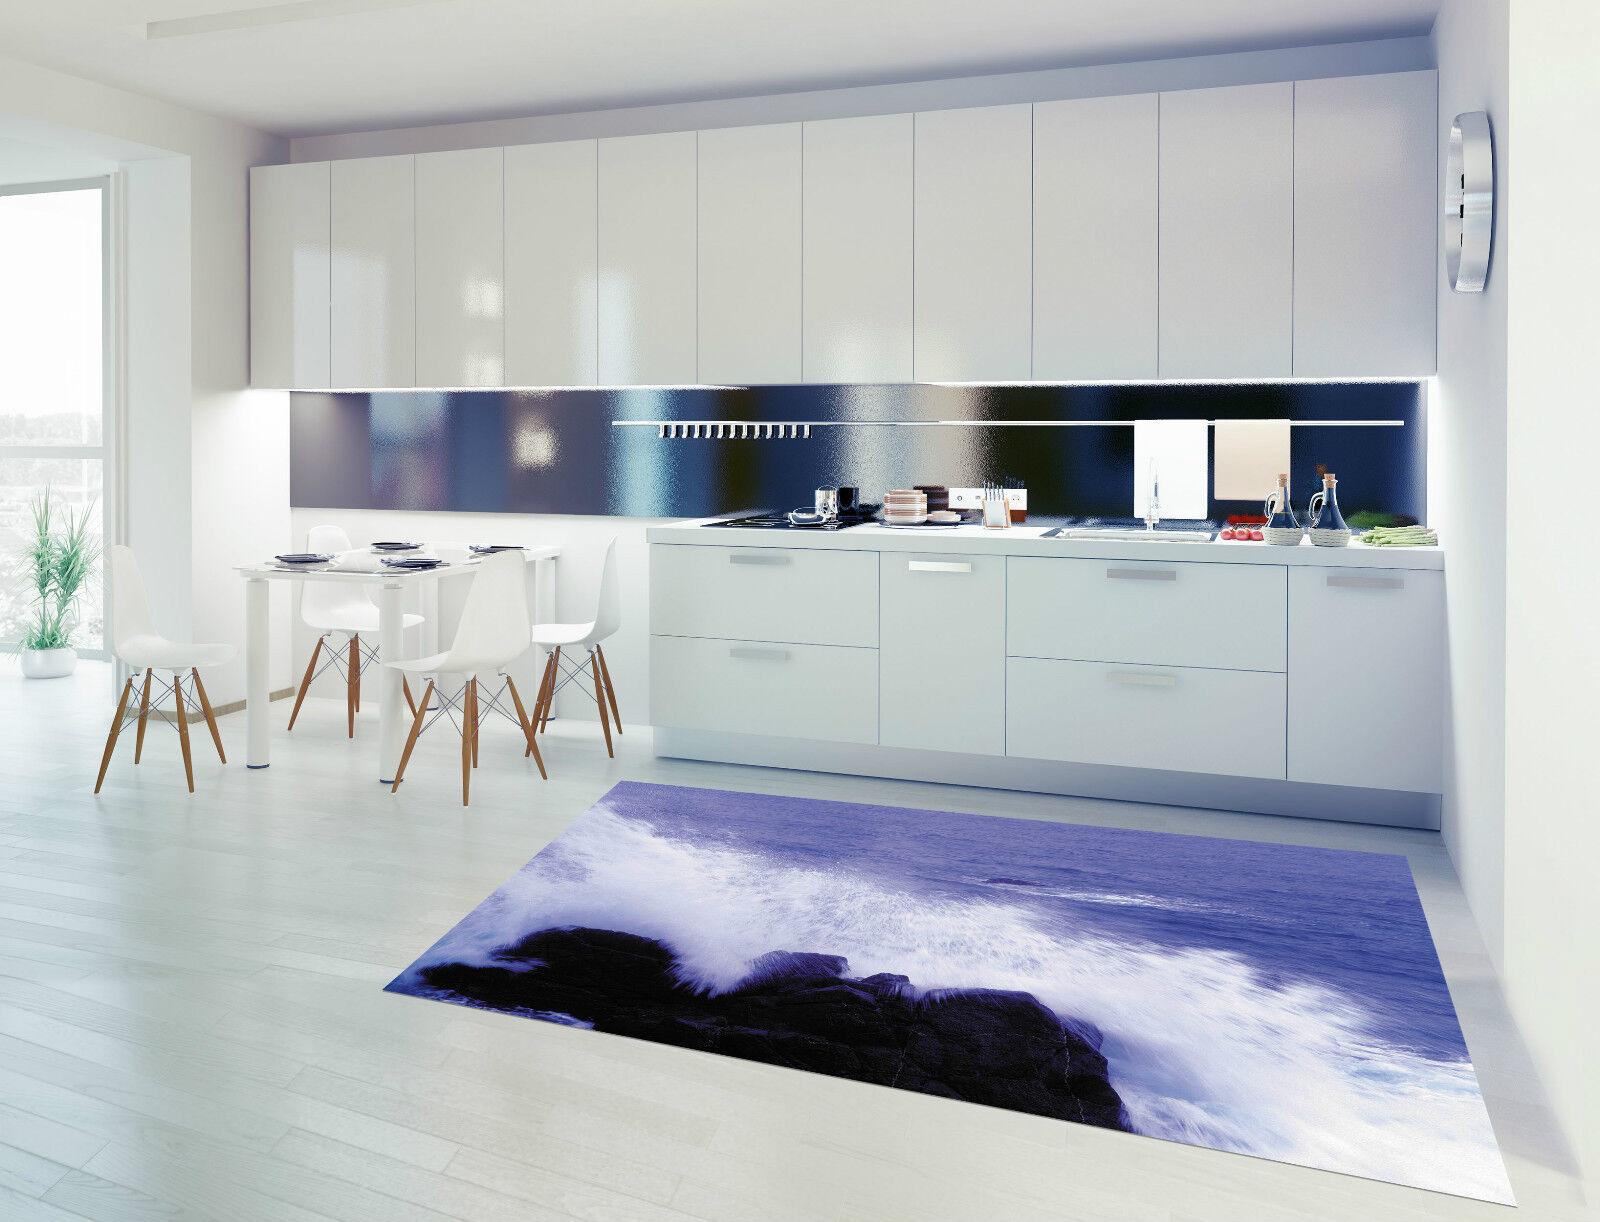 3D Mer Côte Vague 298 Décor Décor Décor Mural Murale De Mur De Cuisine AJ WALLPAPER FR | Un Prix Raisonnable  ad7ead